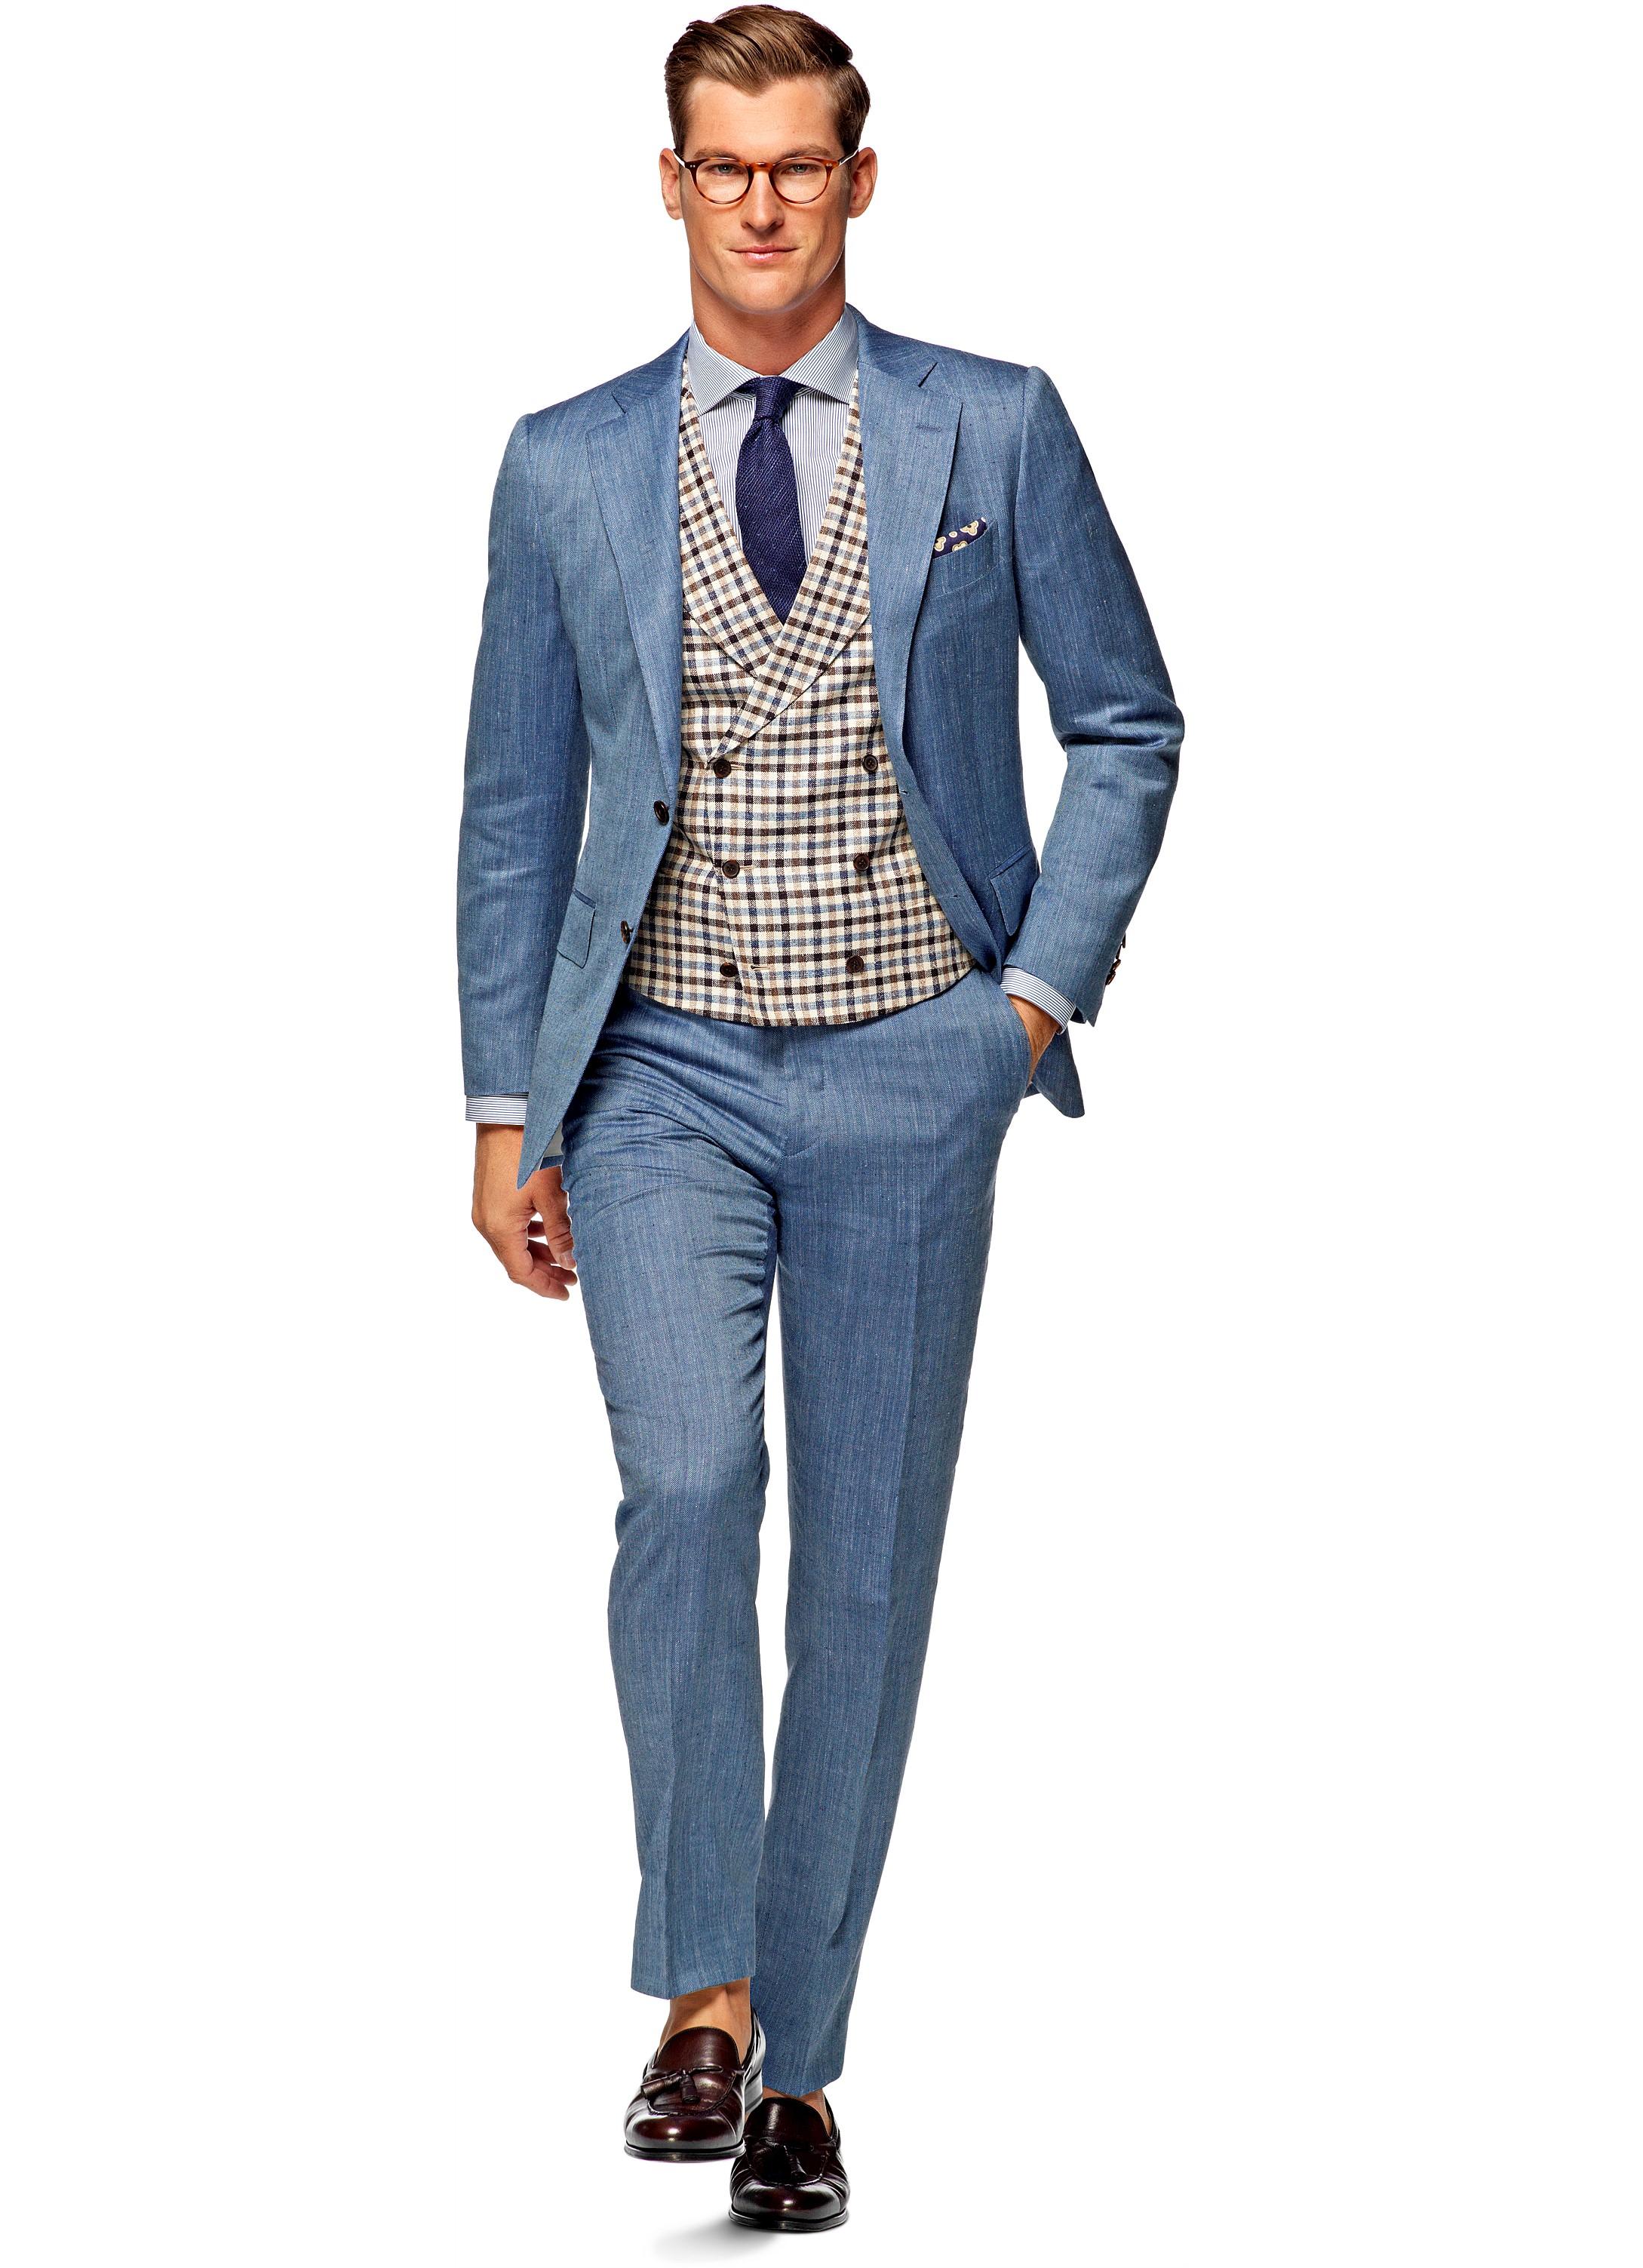 Suits_Blue_Plain_La_Spalla_P4215_Suitsupply_Online_Store_1.jpg